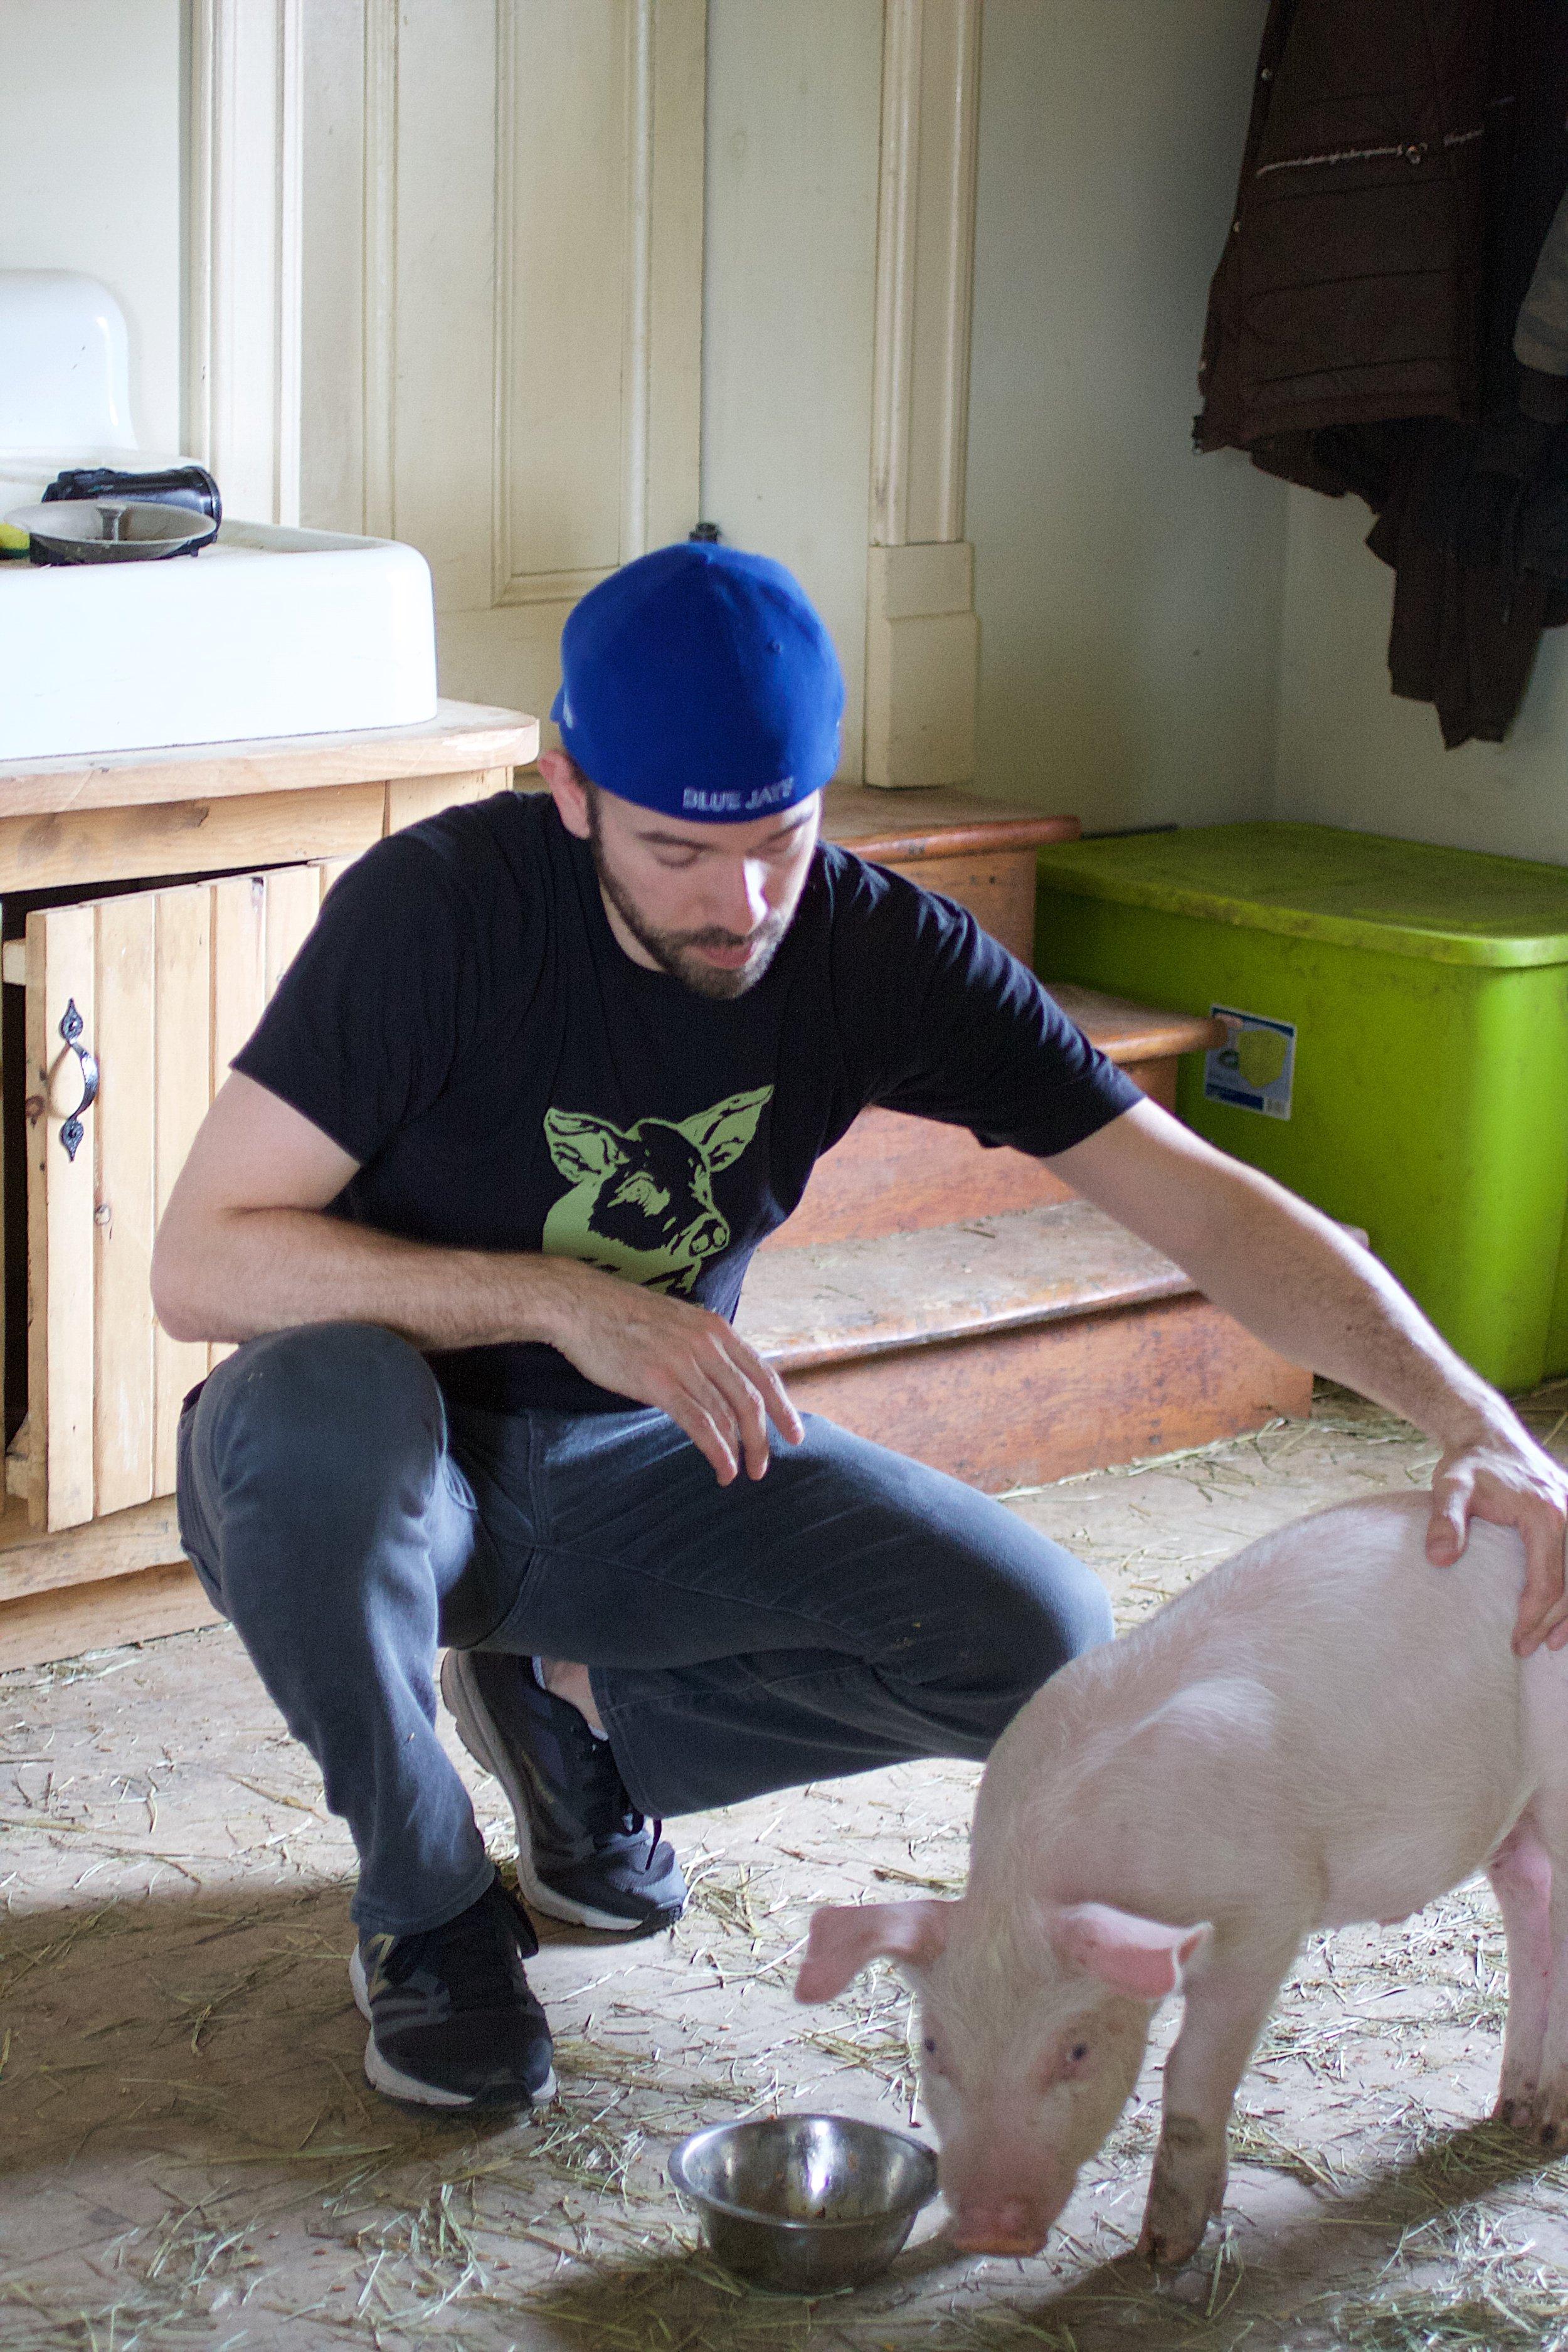 Madison bonding with activist Alex Bez.